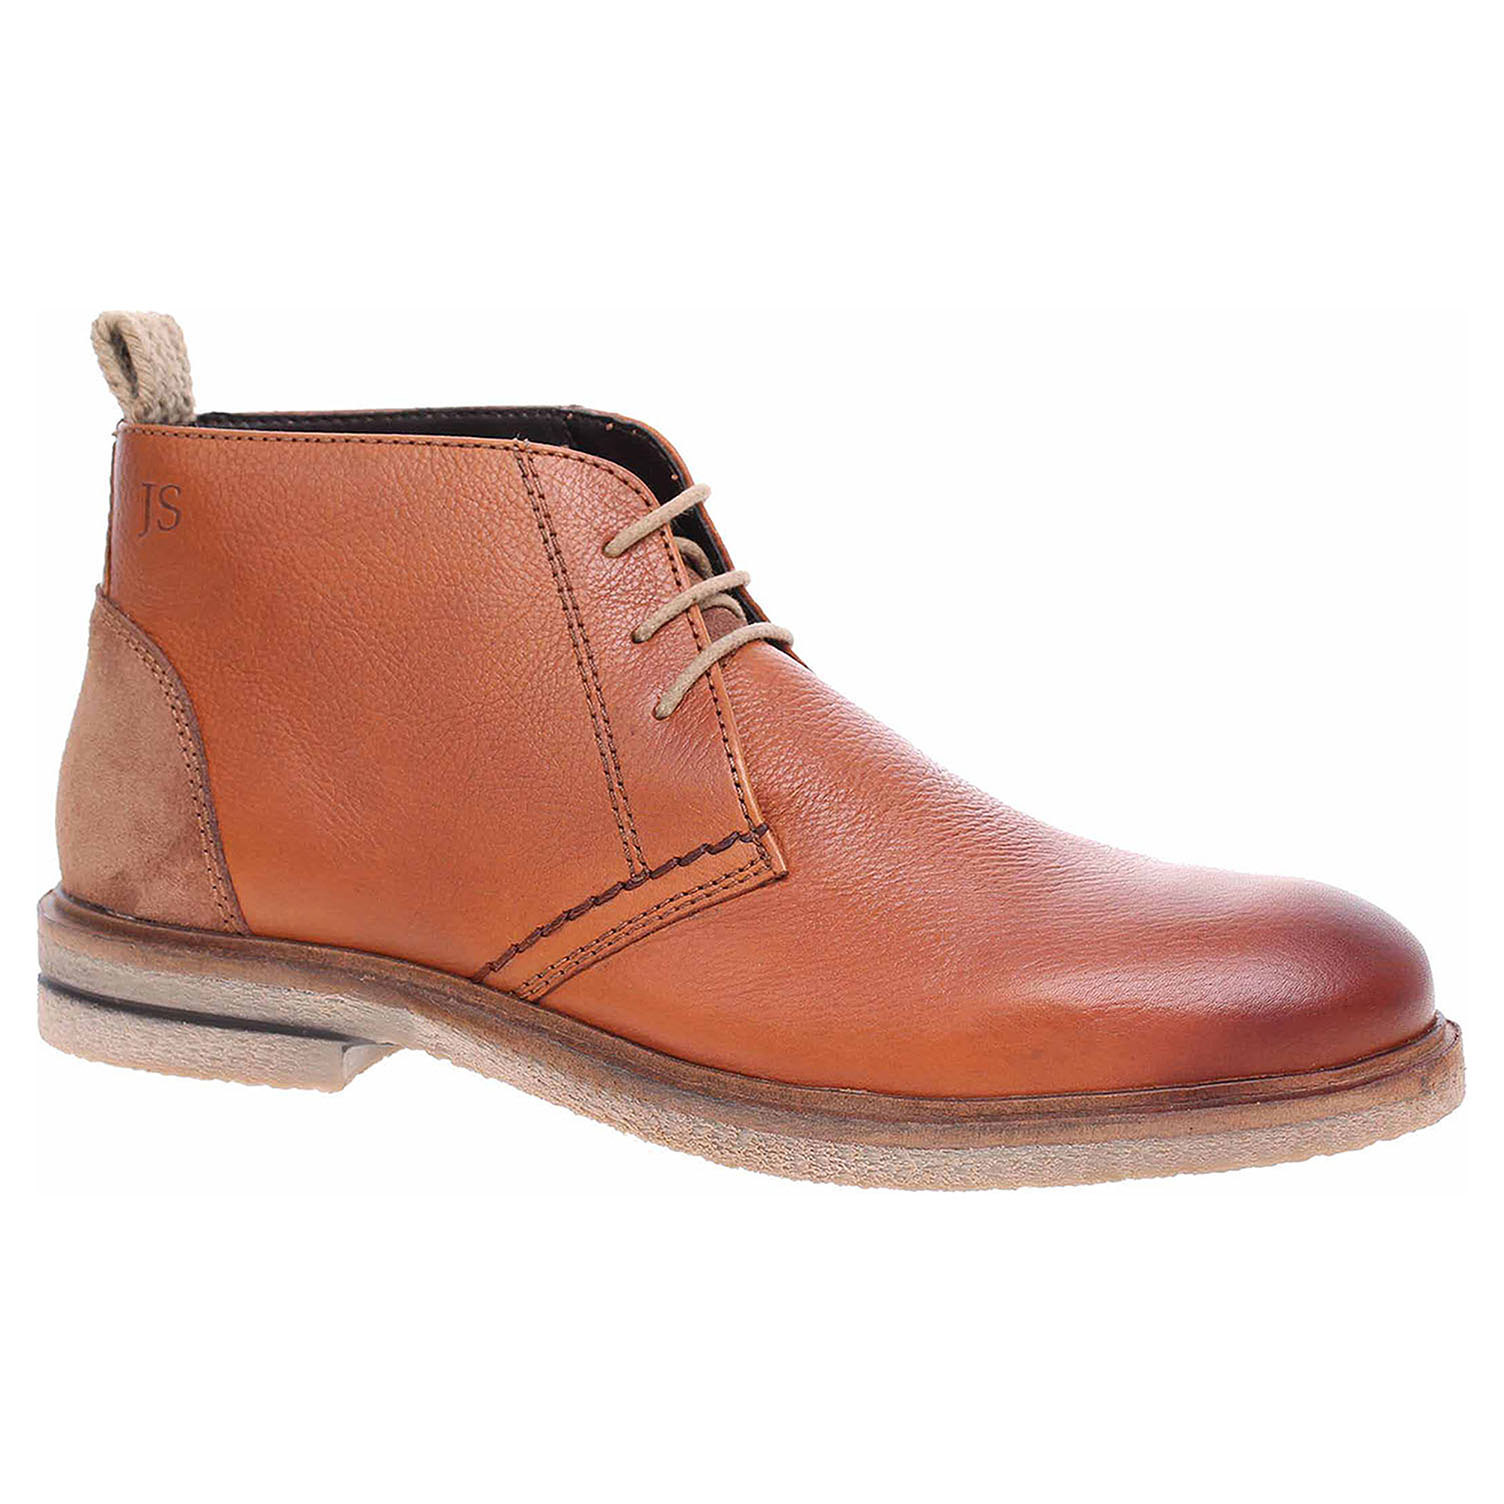 Pánská kotníková obuv Josef Seibel 28802 MI786370 cognac 28802 MI786370 41